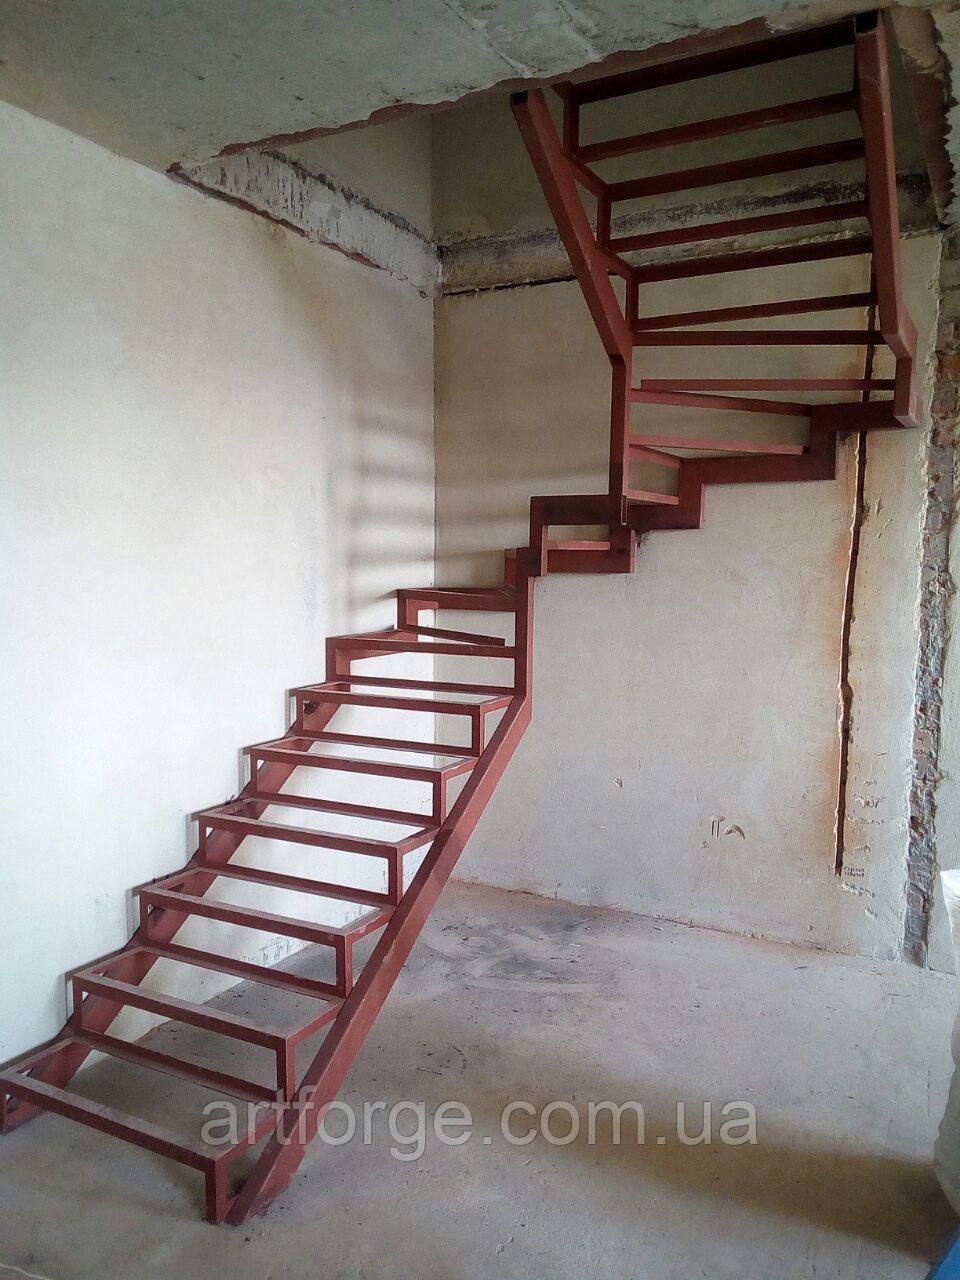 П-Образный каркас лестницы с разворотом 180 гр и забежными ступенями